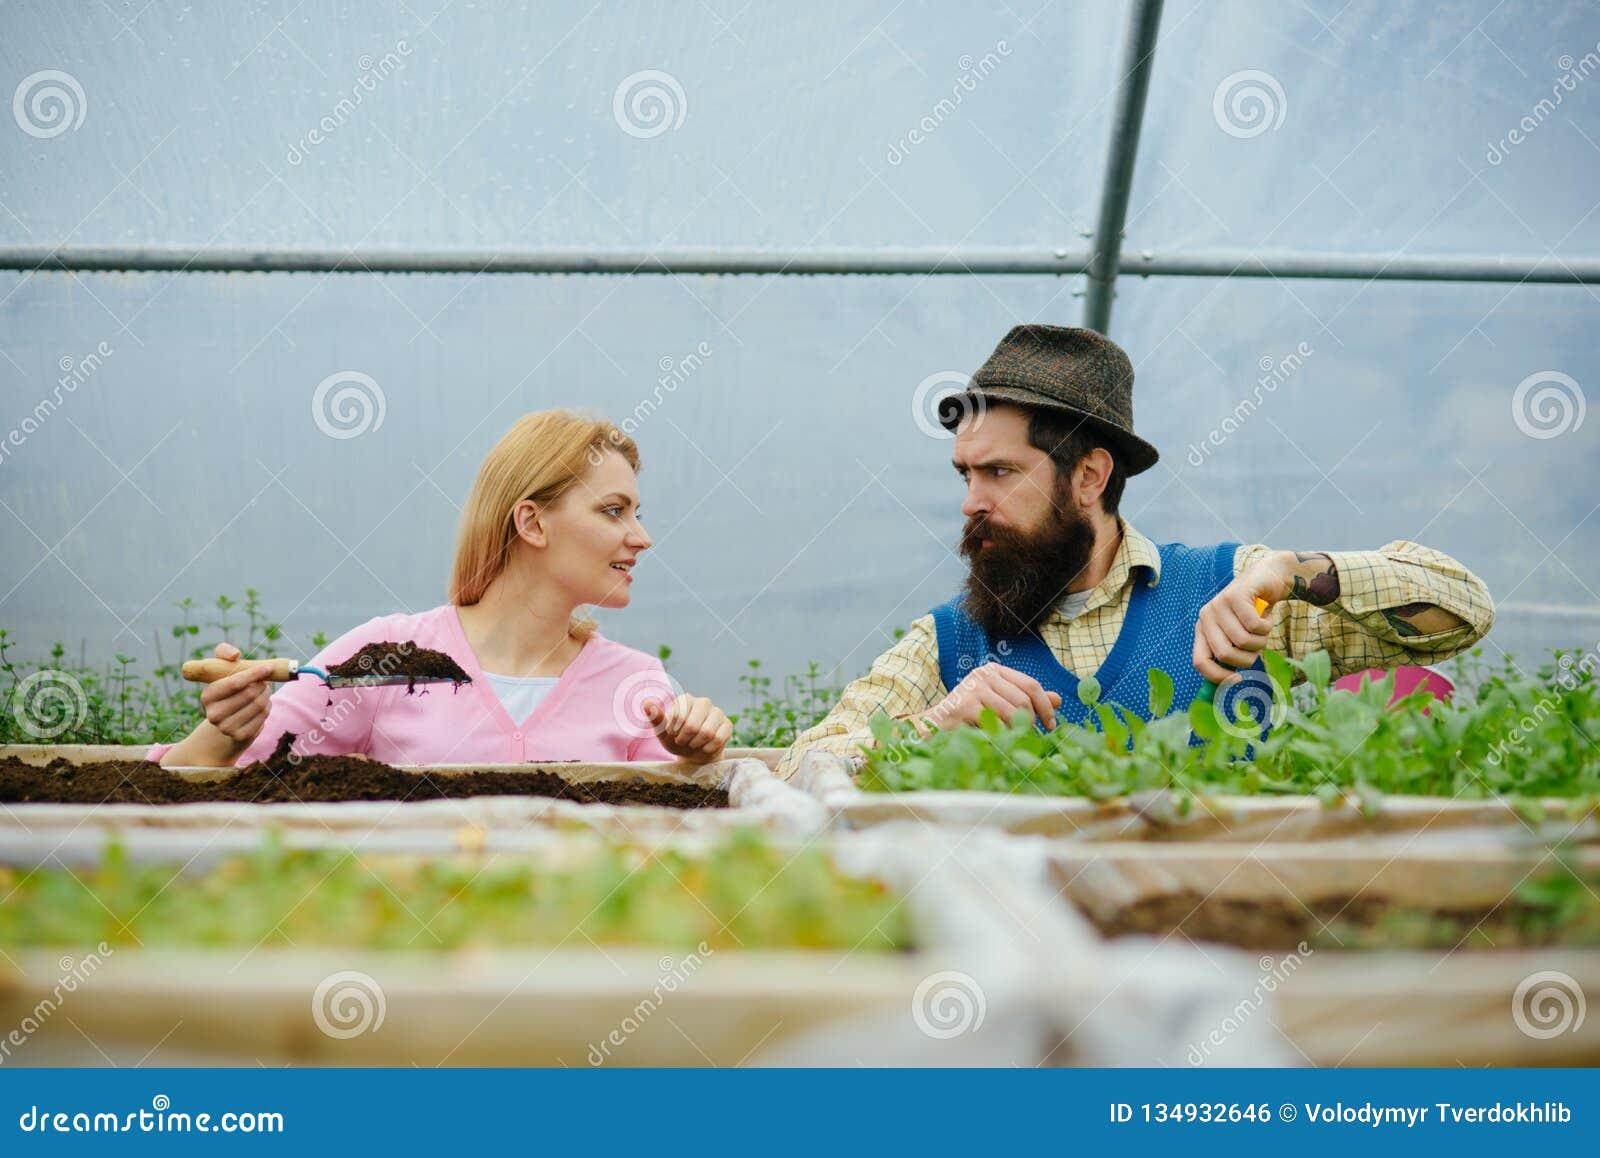 Terreno fertile suolo fertile per la piantatura degli alberi in serra produzione del suolo fertile donna ed uomo che lavorano con